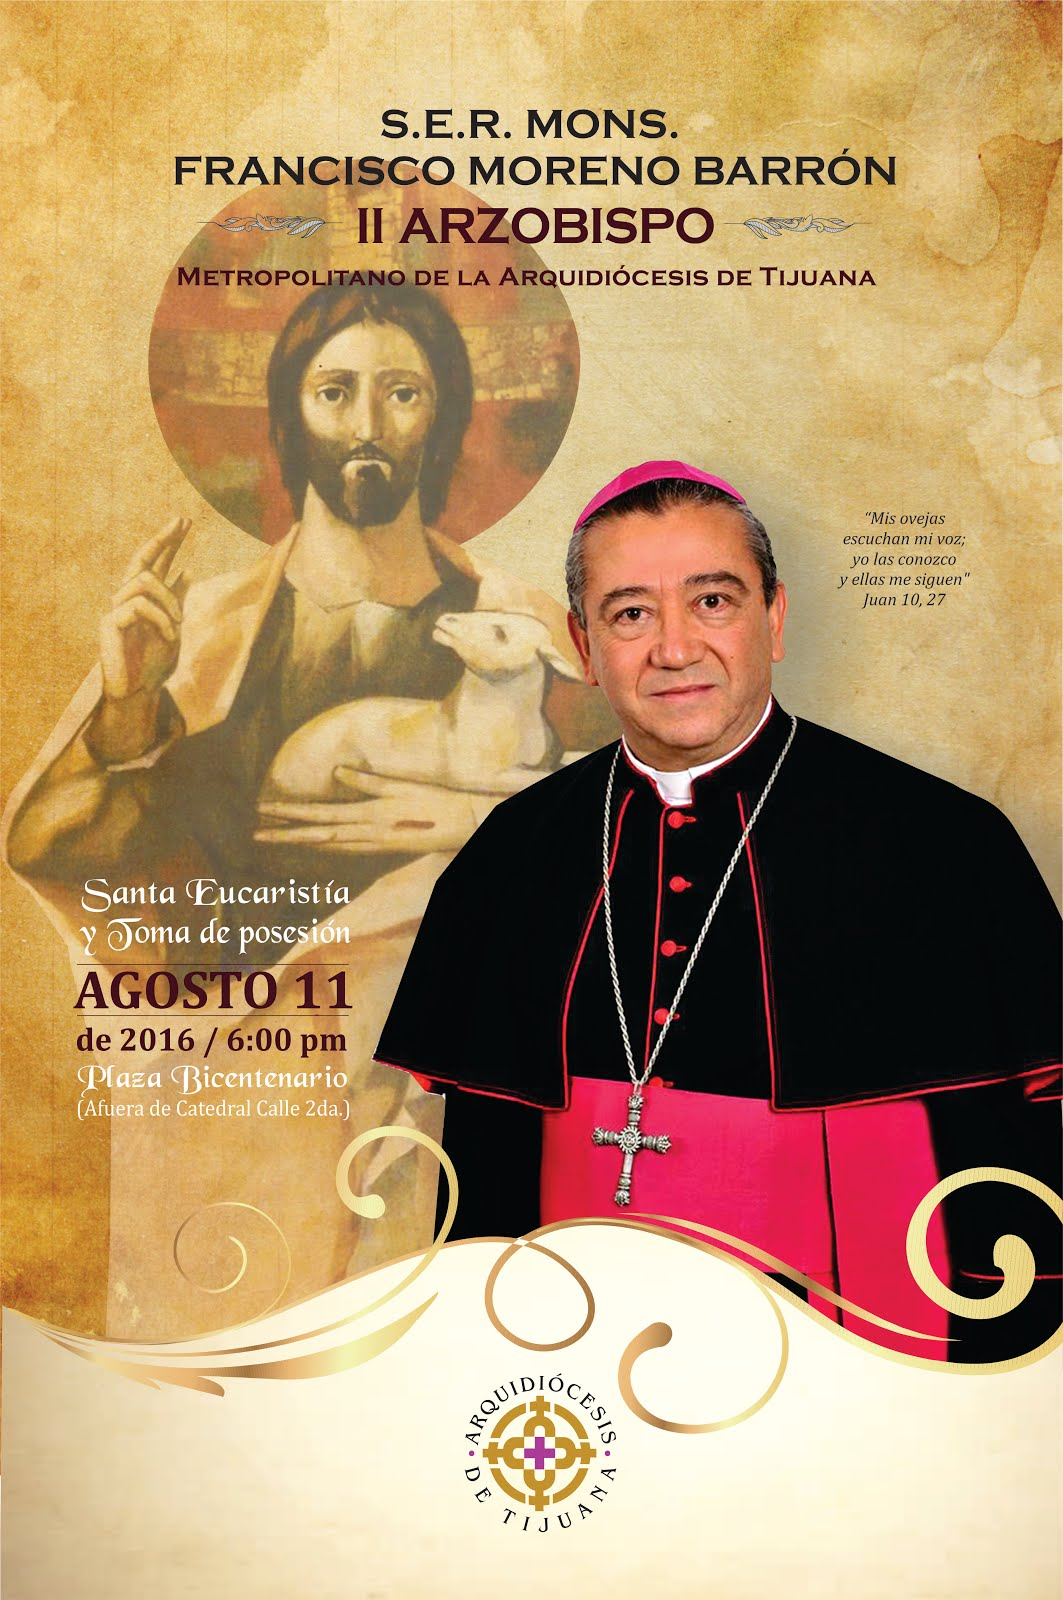 Evento católico de bienvenida